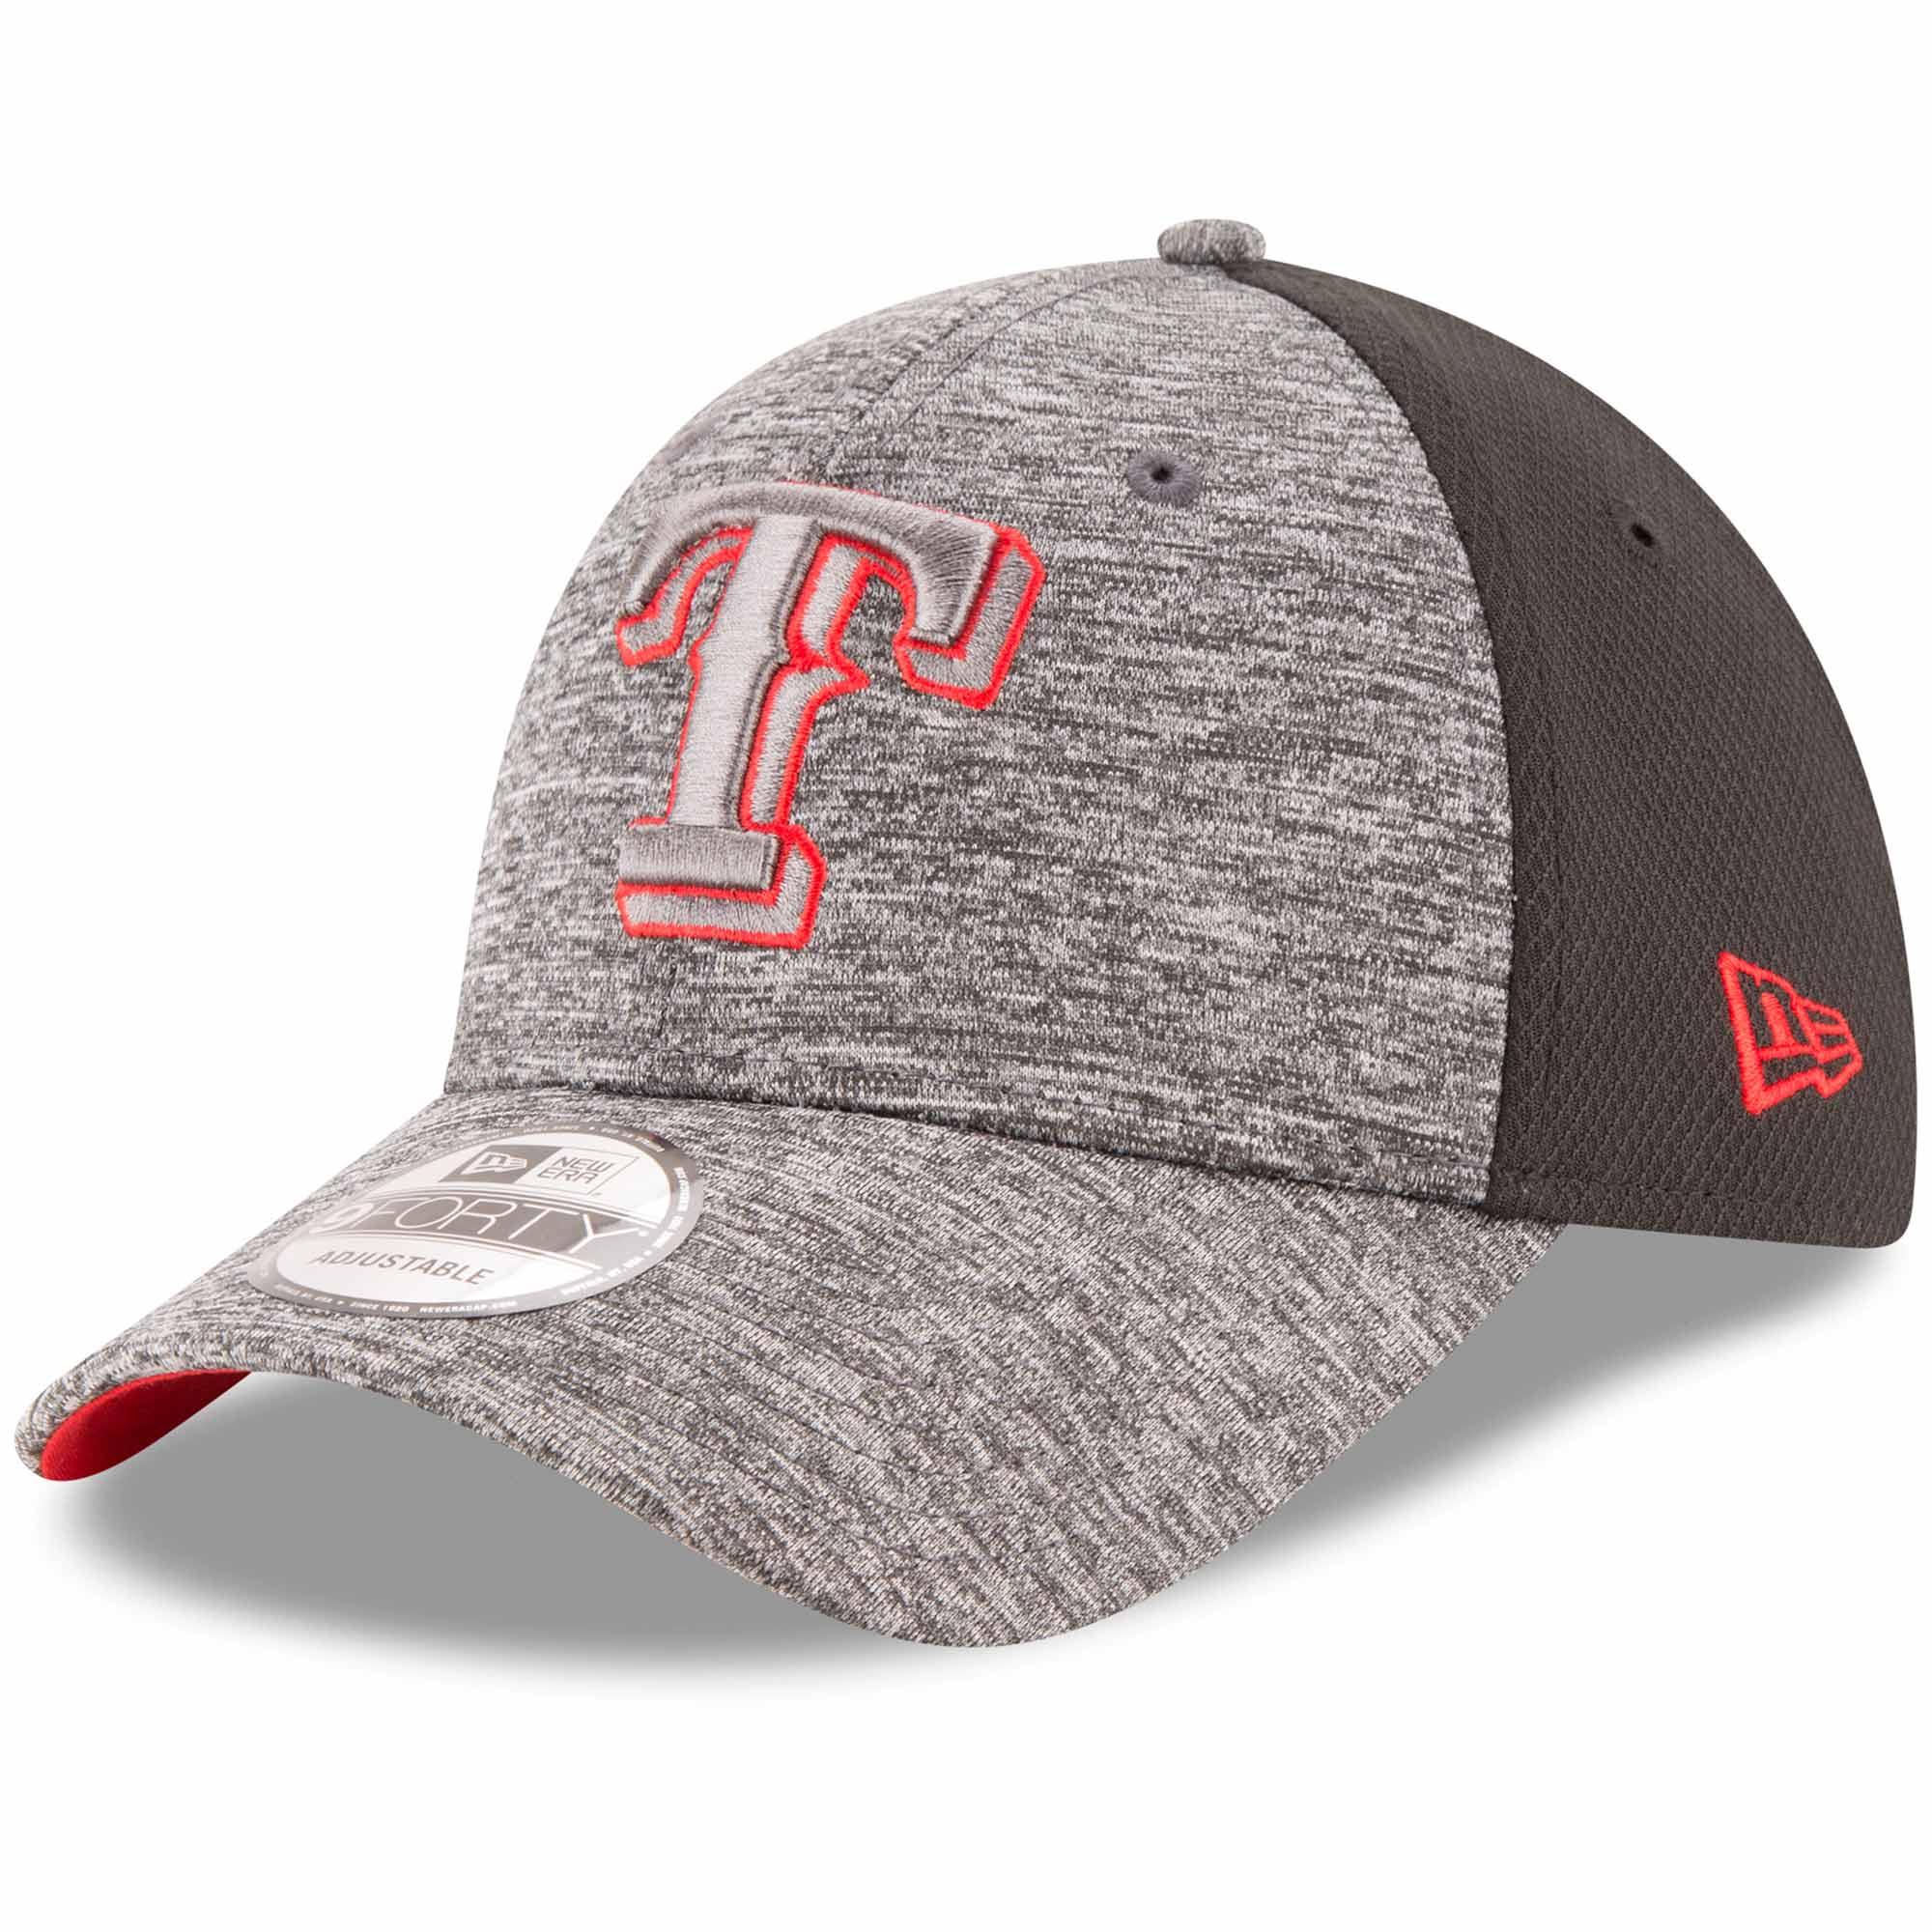 Texas Rangers New Era Shadowed Team Logo 9FORTY Adjustable Hat - Heathered Gray/Black - OSFA